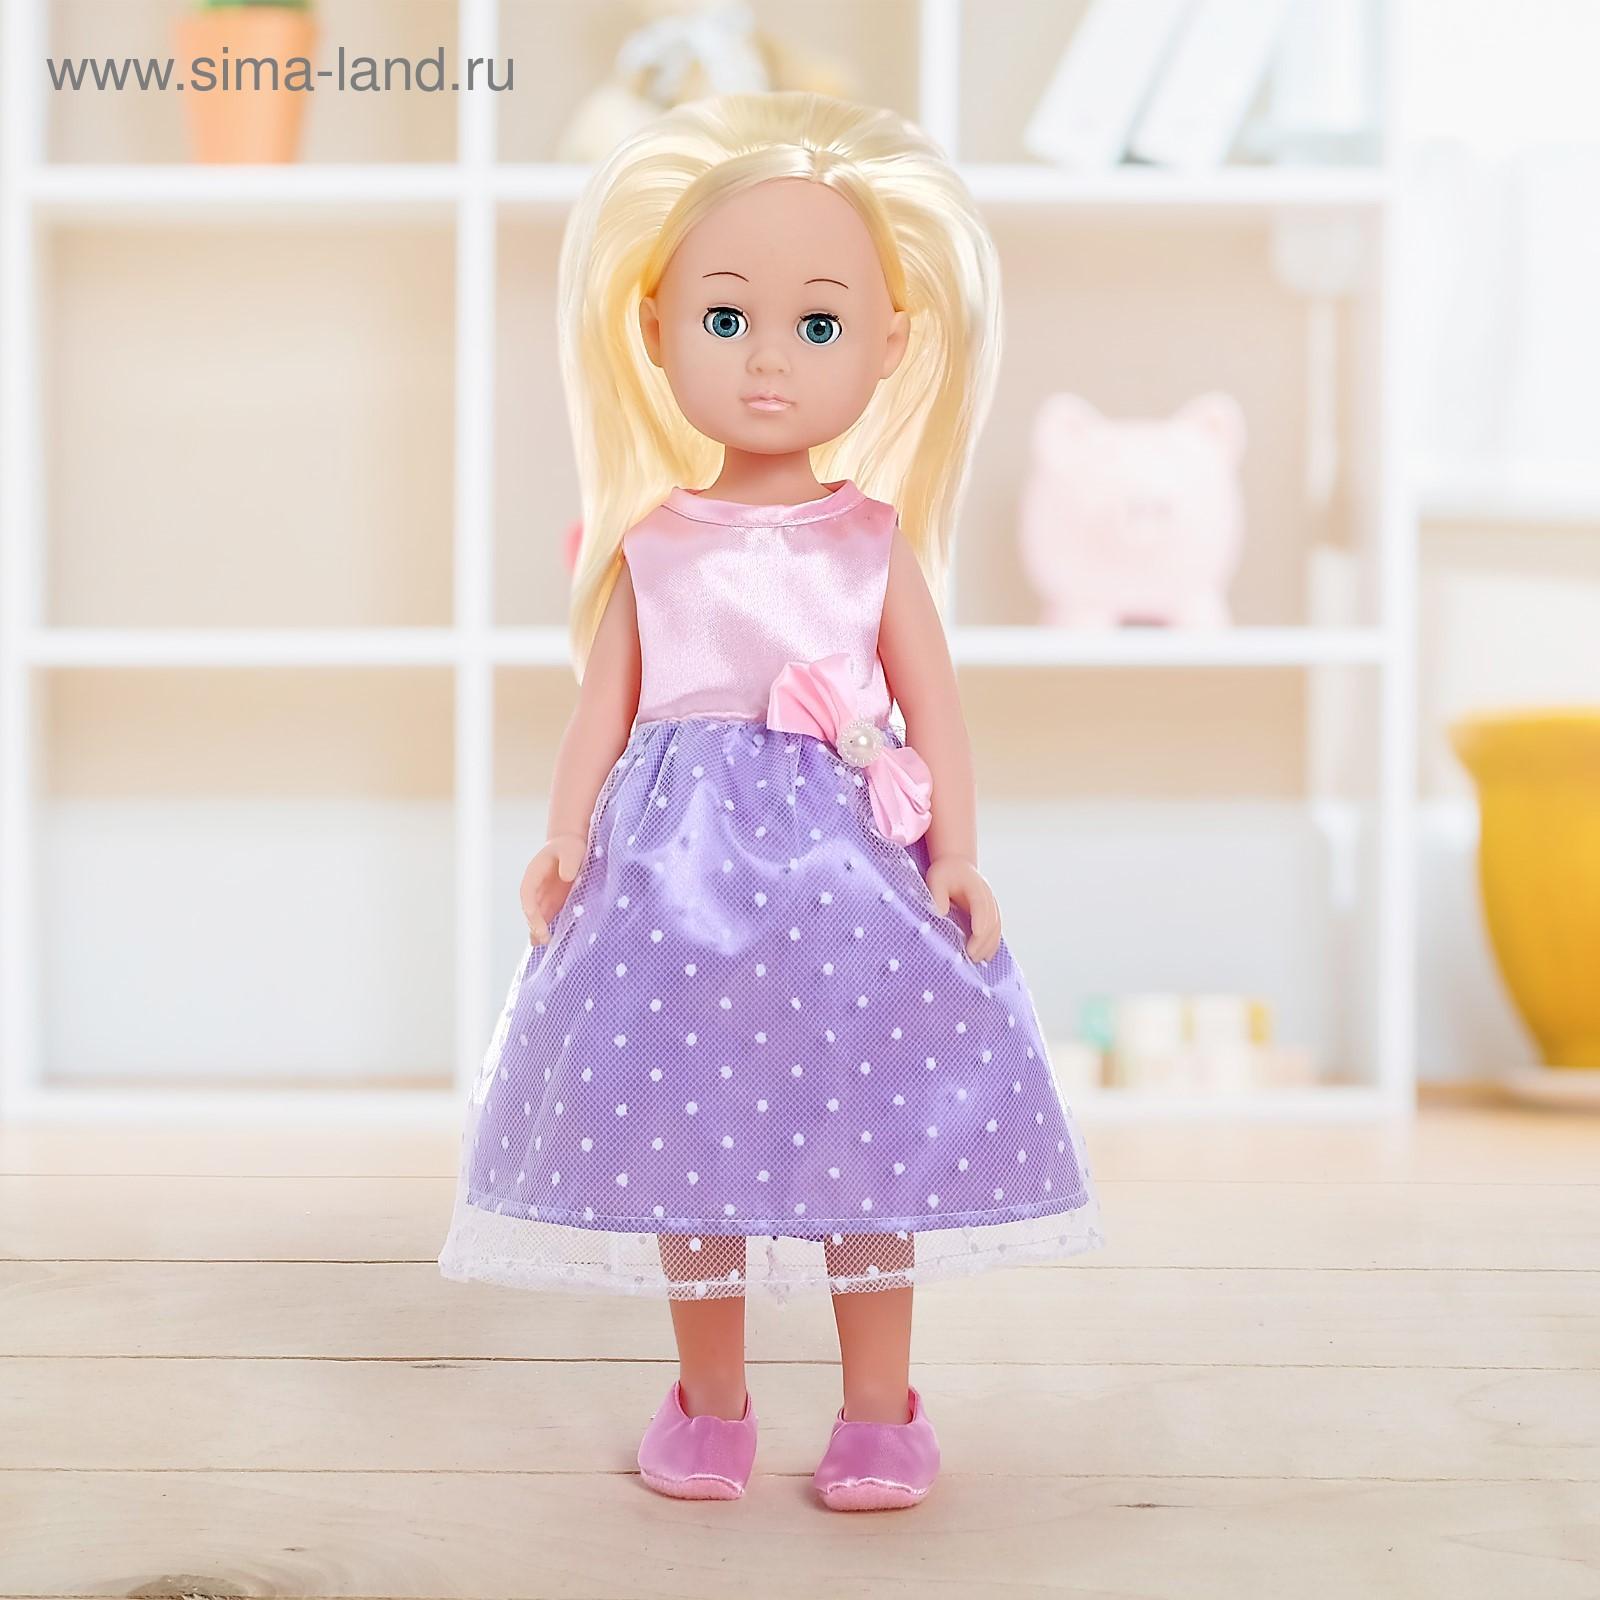 cab399a2756 Кукла «Арина» в платье